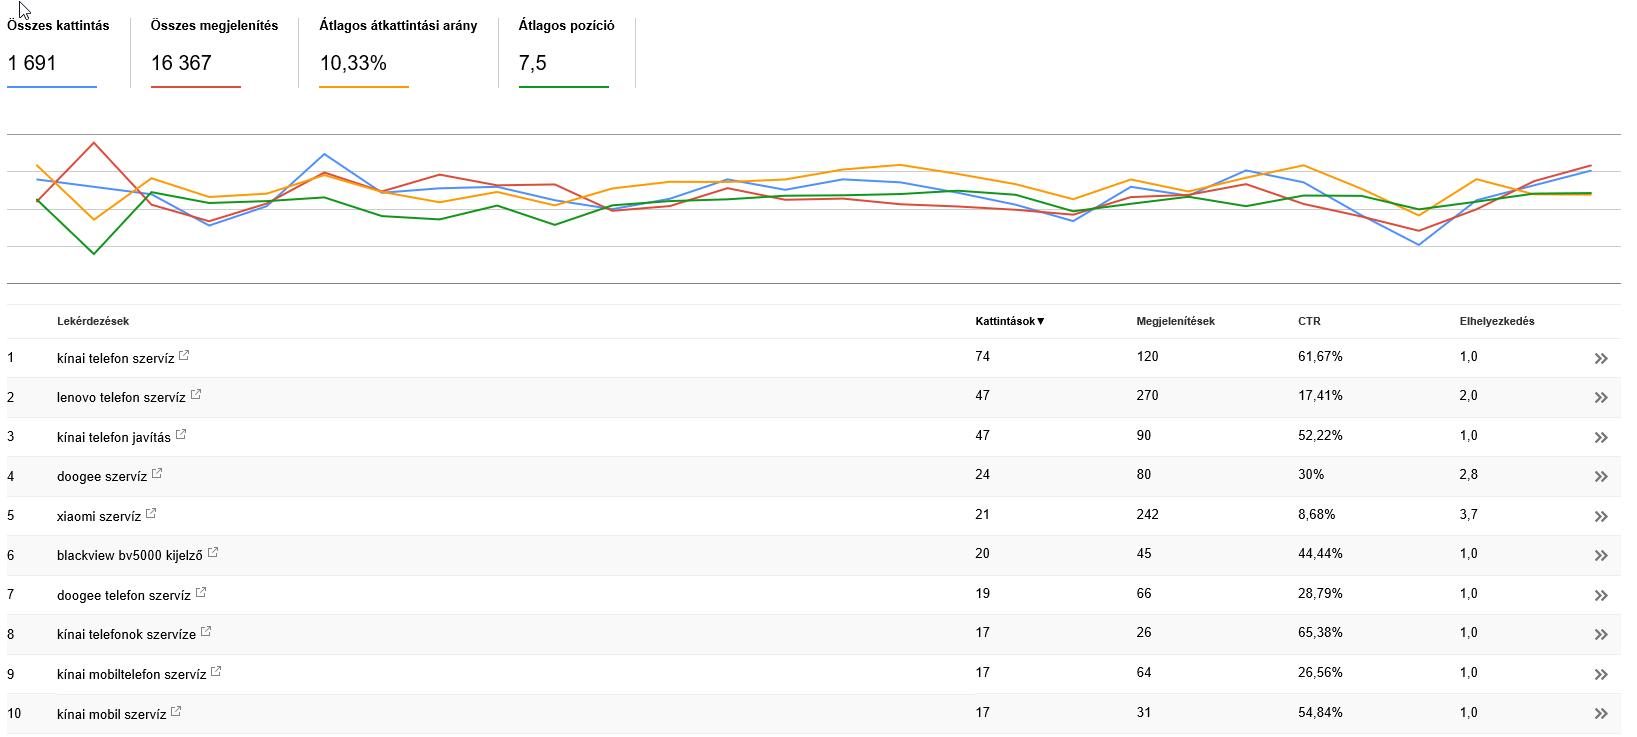 Search Console keresési statisztikák